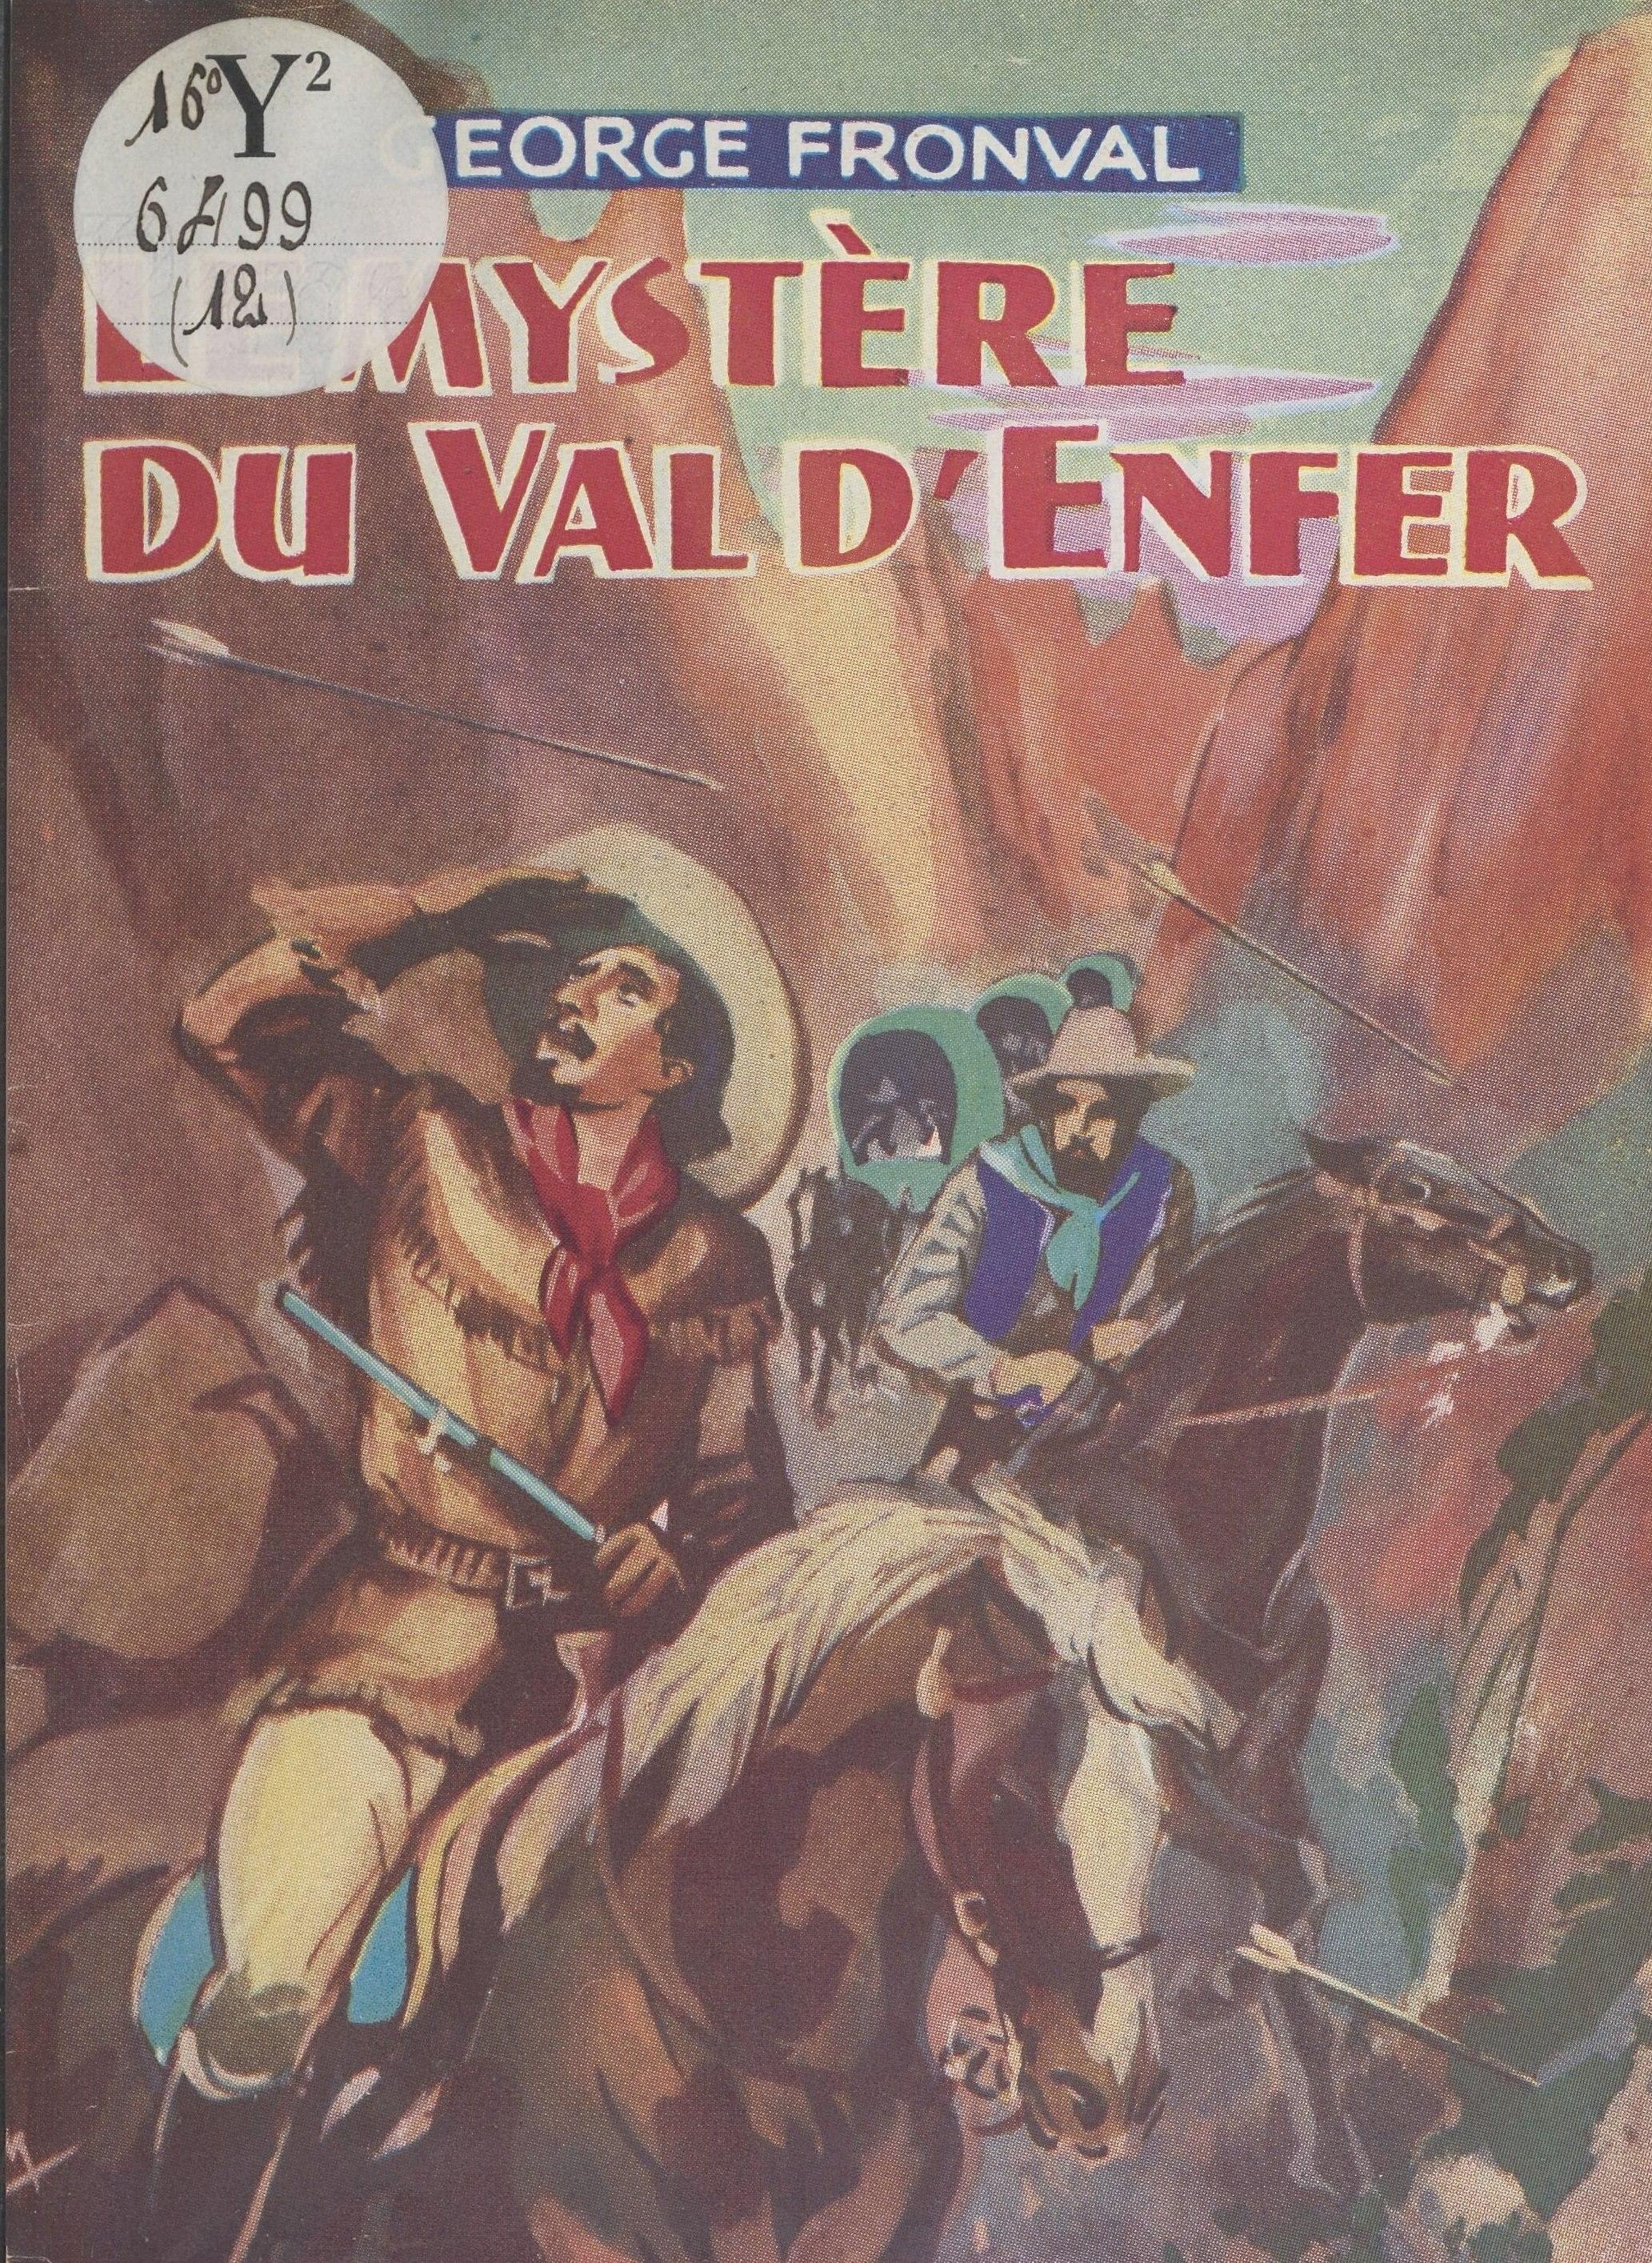 Le mystère du Val d'Enfer